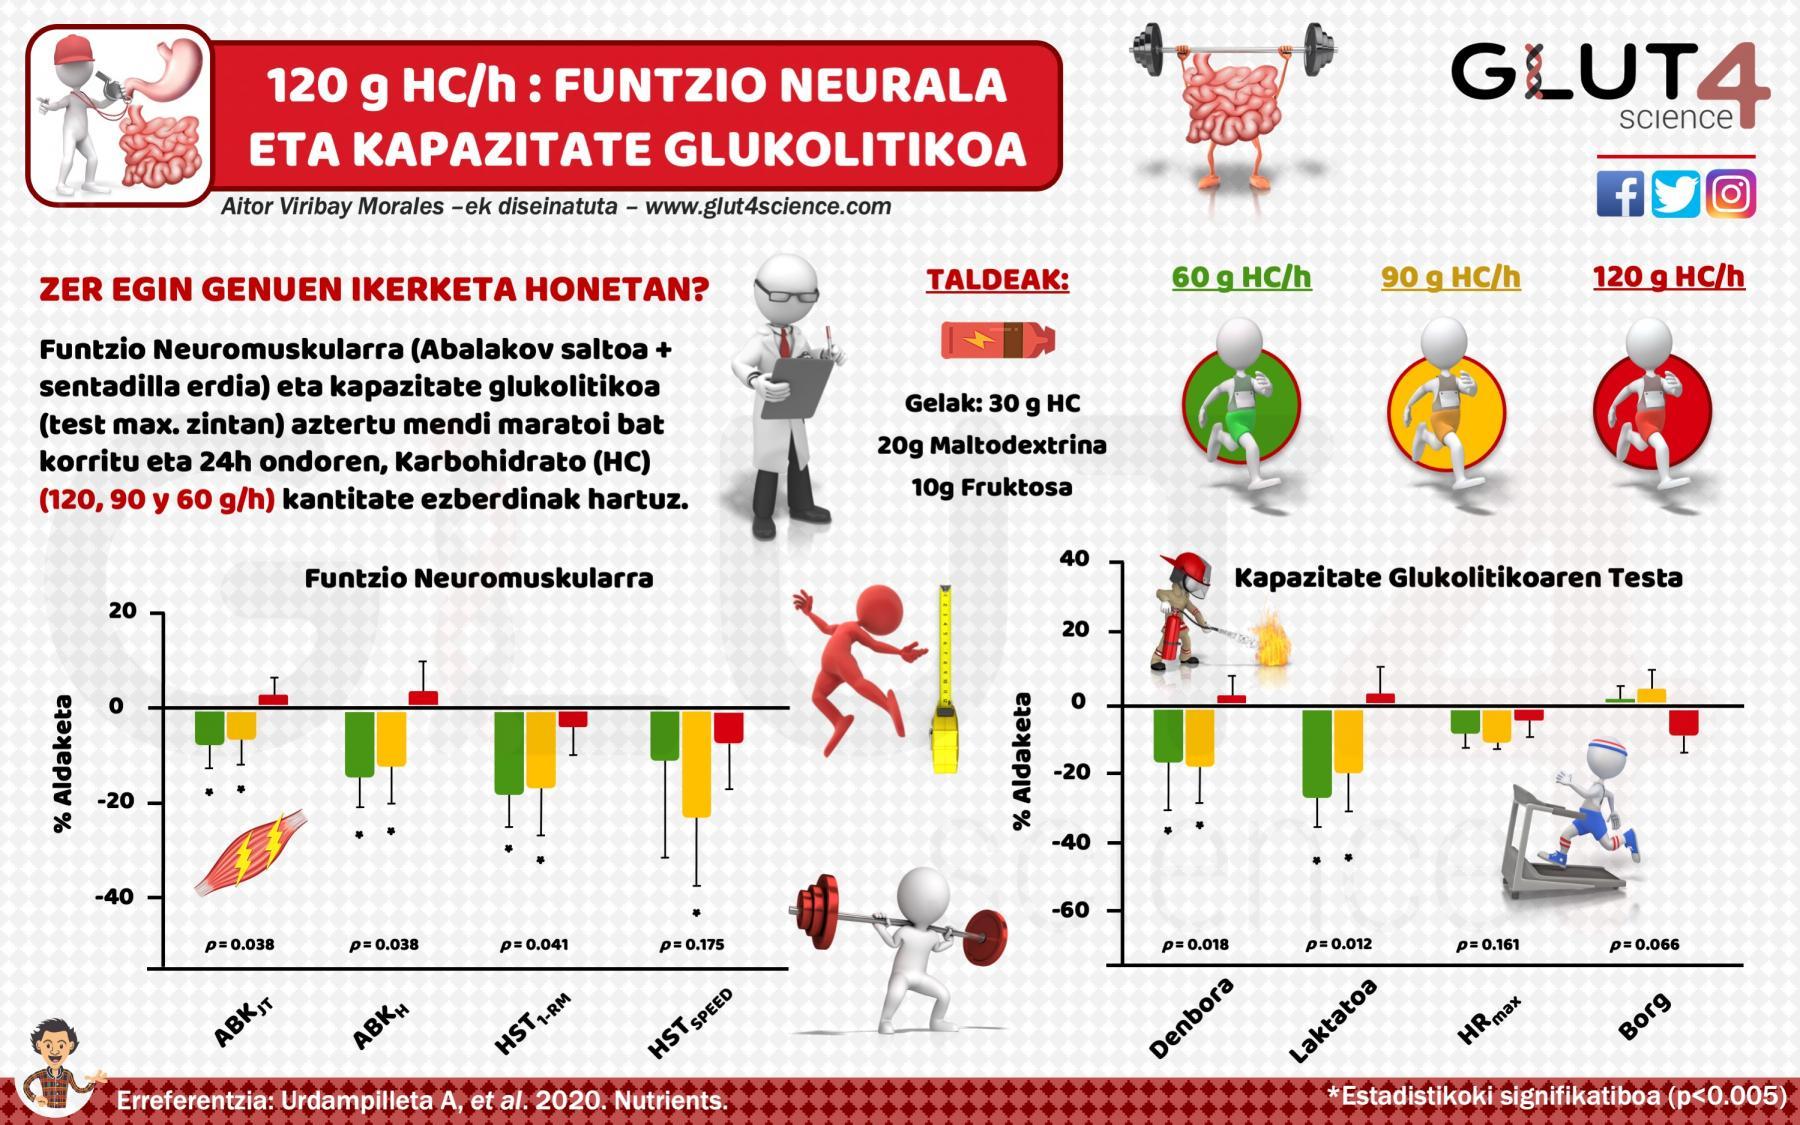 120 gramo karbohidrato orduro jateak errekuperazioa hobetzen dy